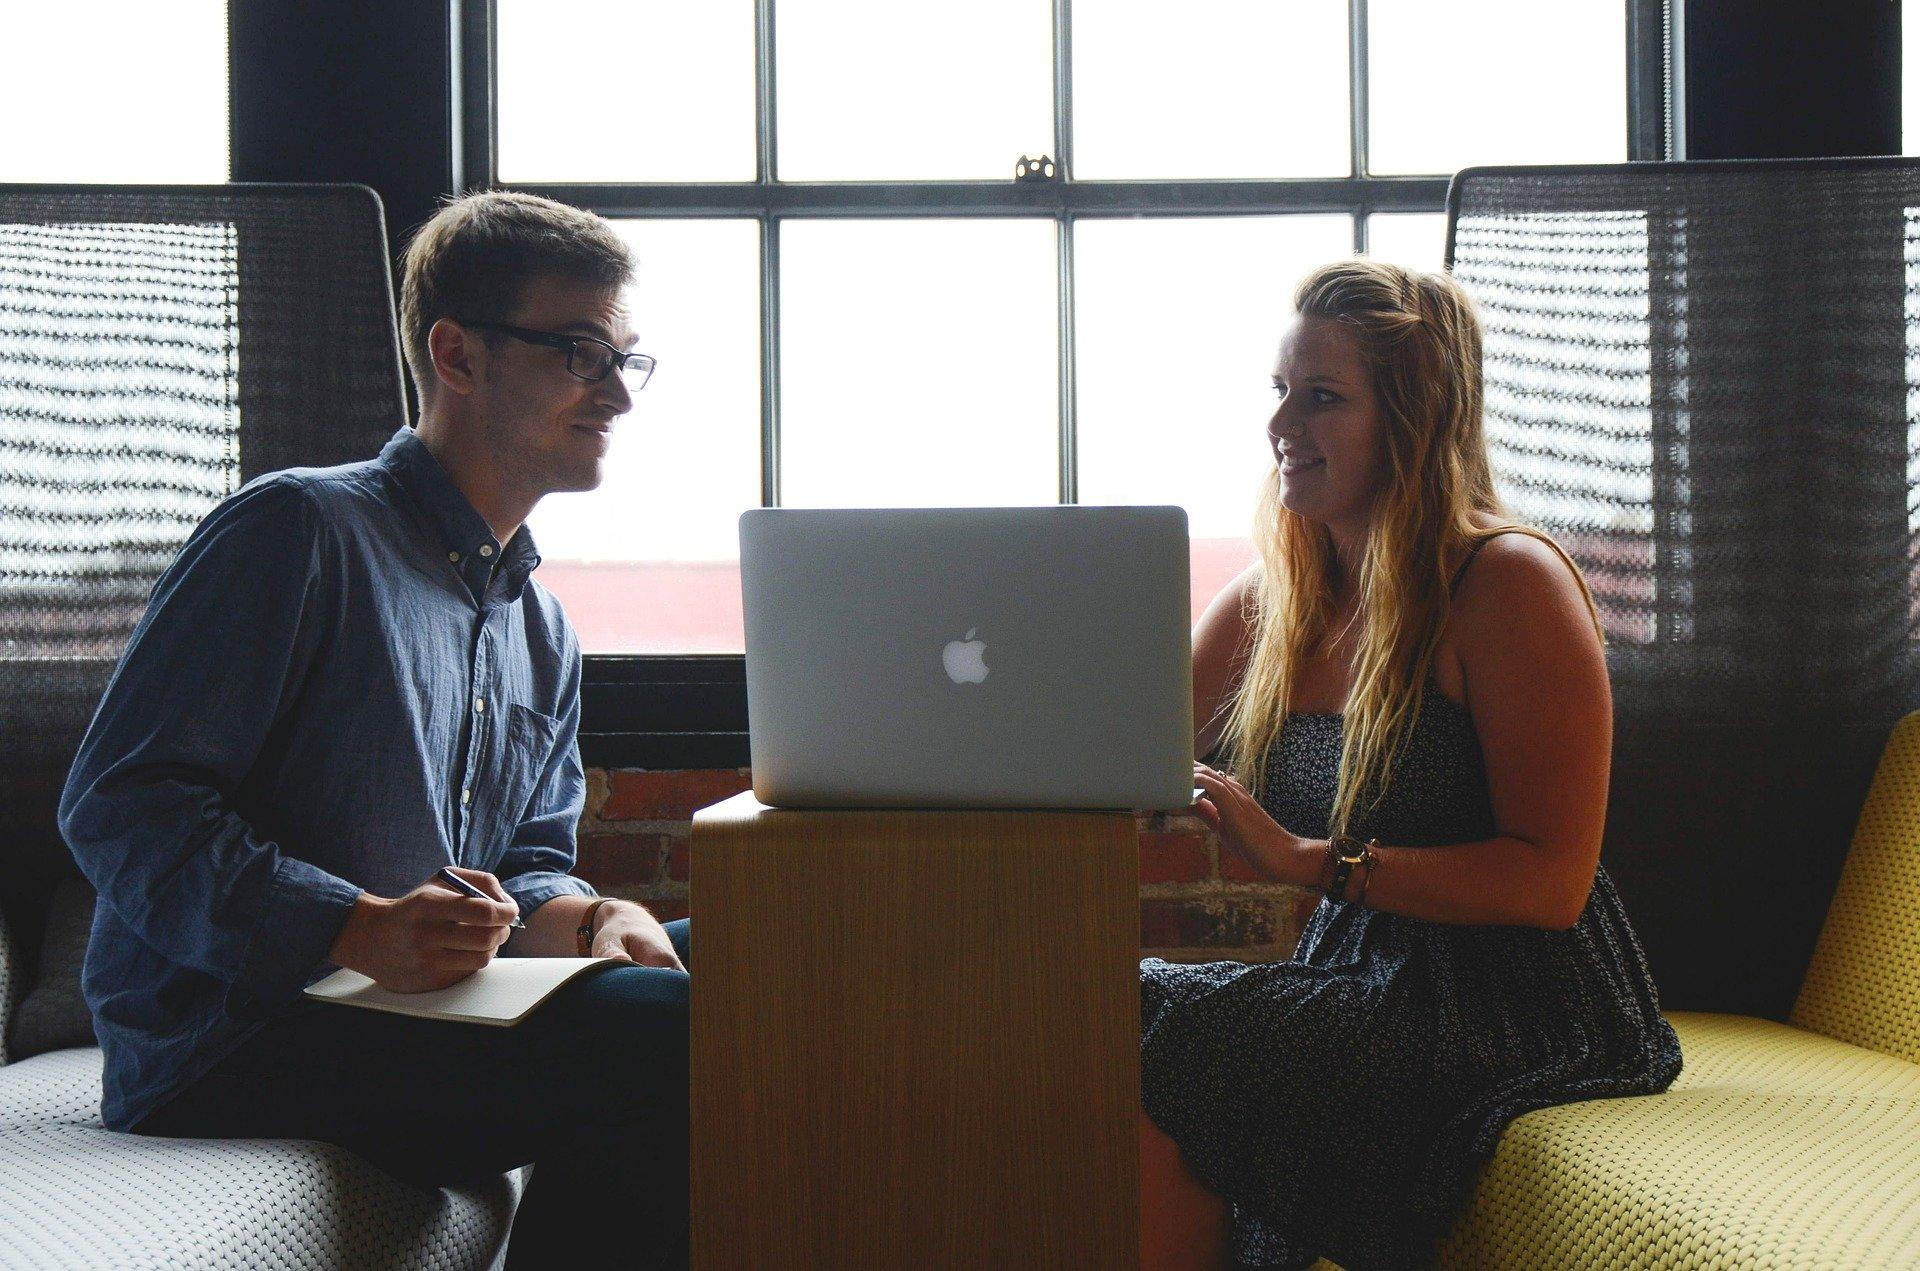 パソコンを置いて会話する男女